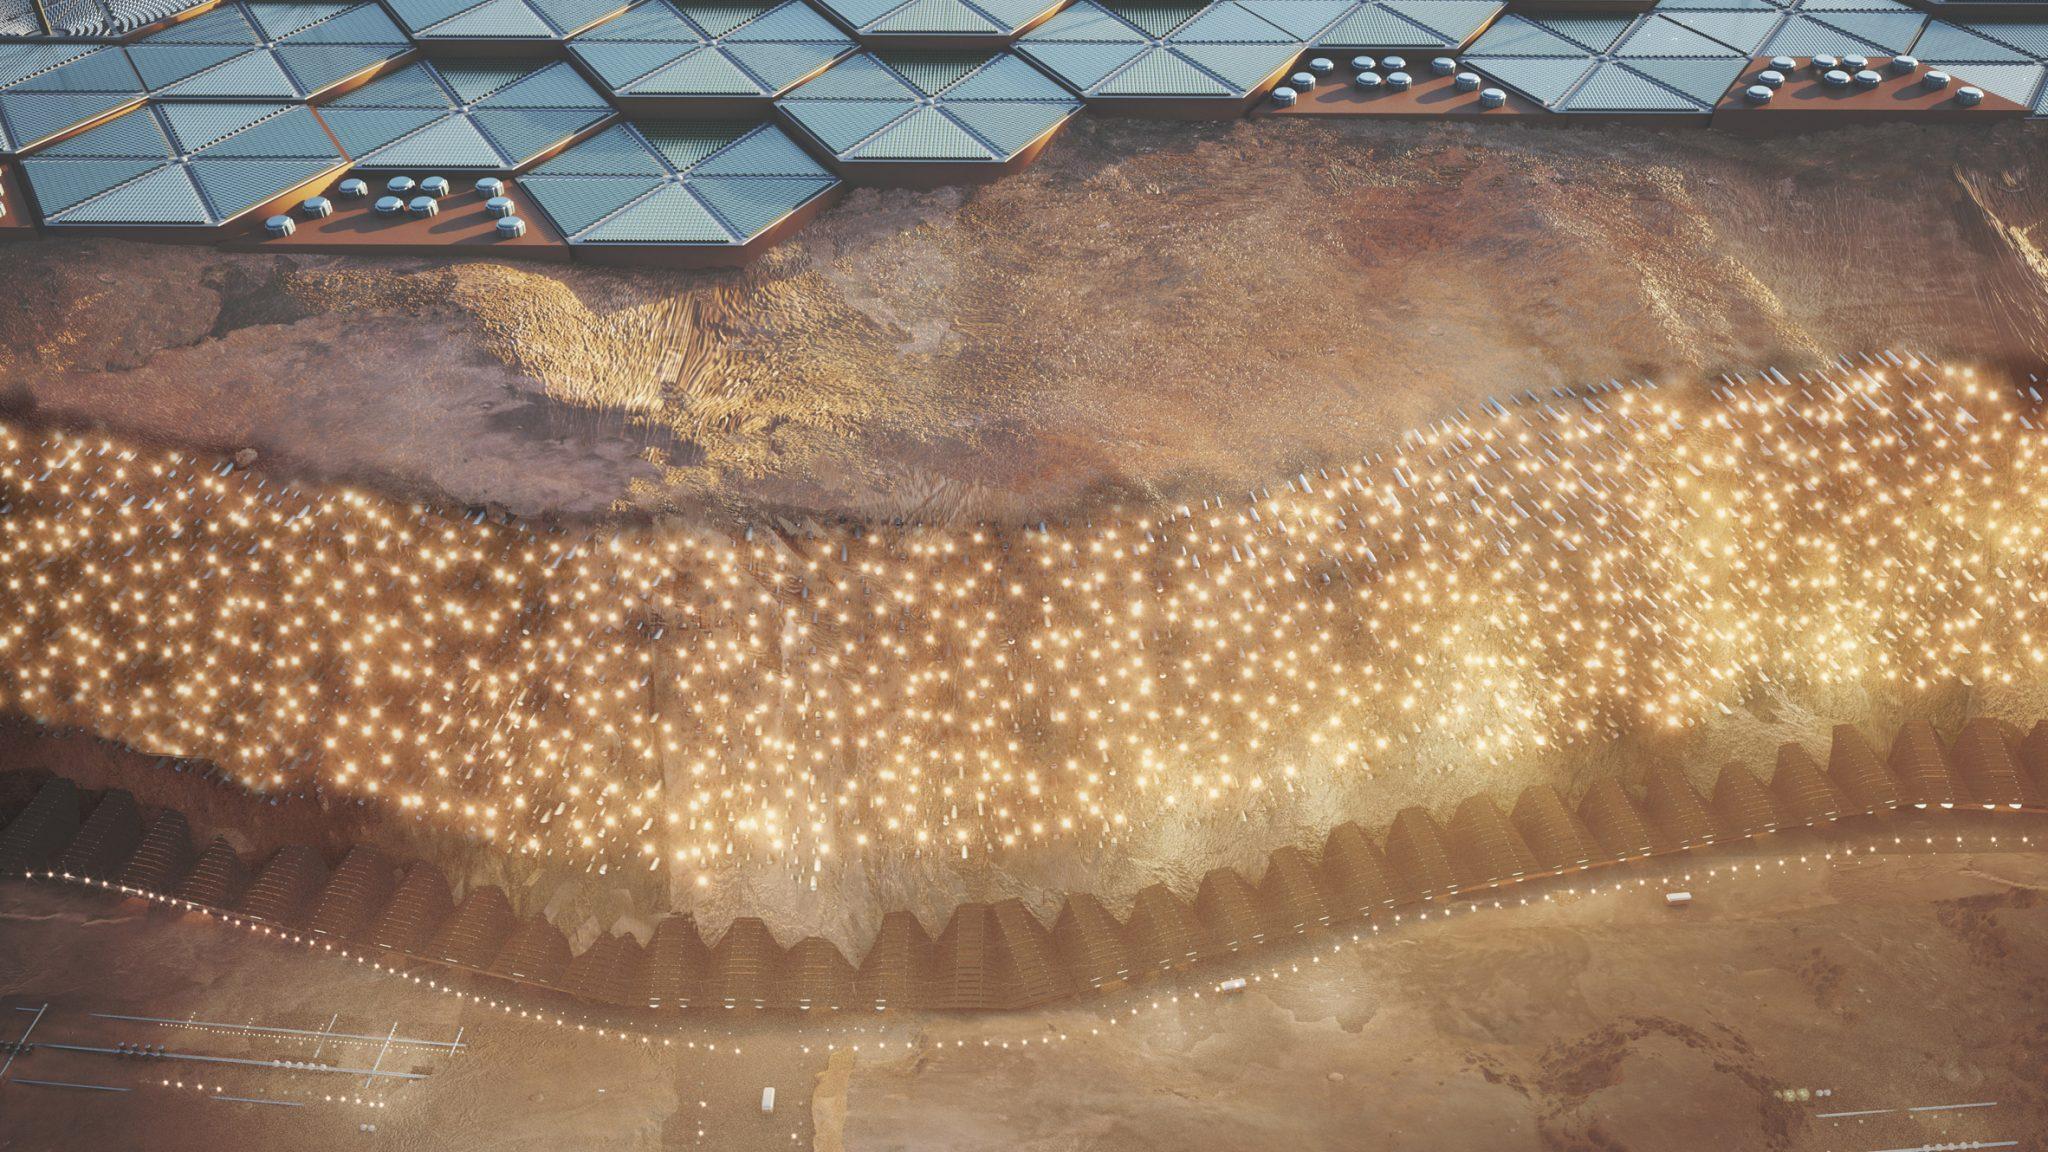 Nüwa, Pemukiman Pertama di Mars yang Bakal Dibangun 2054